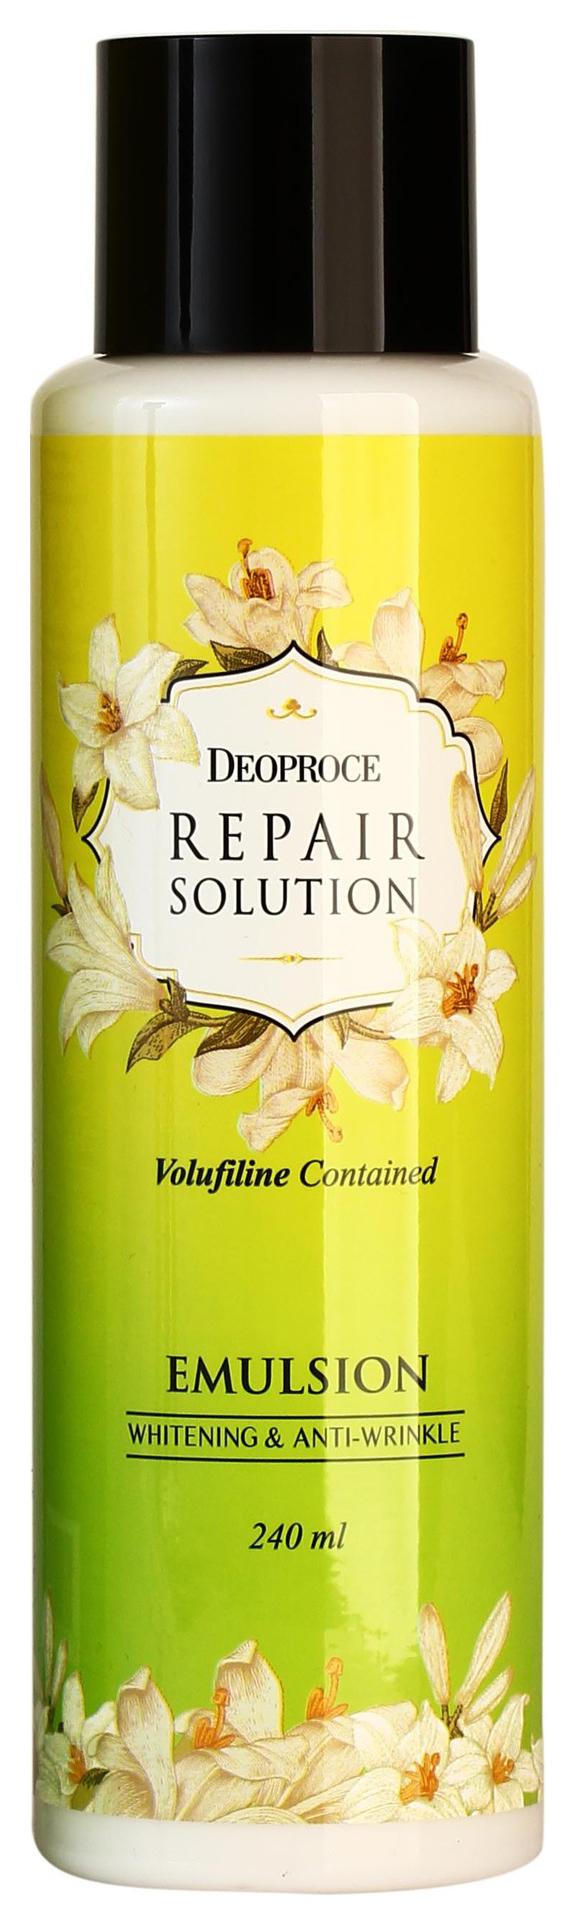 Тонер для лица Deoproce Repair Solution Toner С волюфилином 240 мл фото